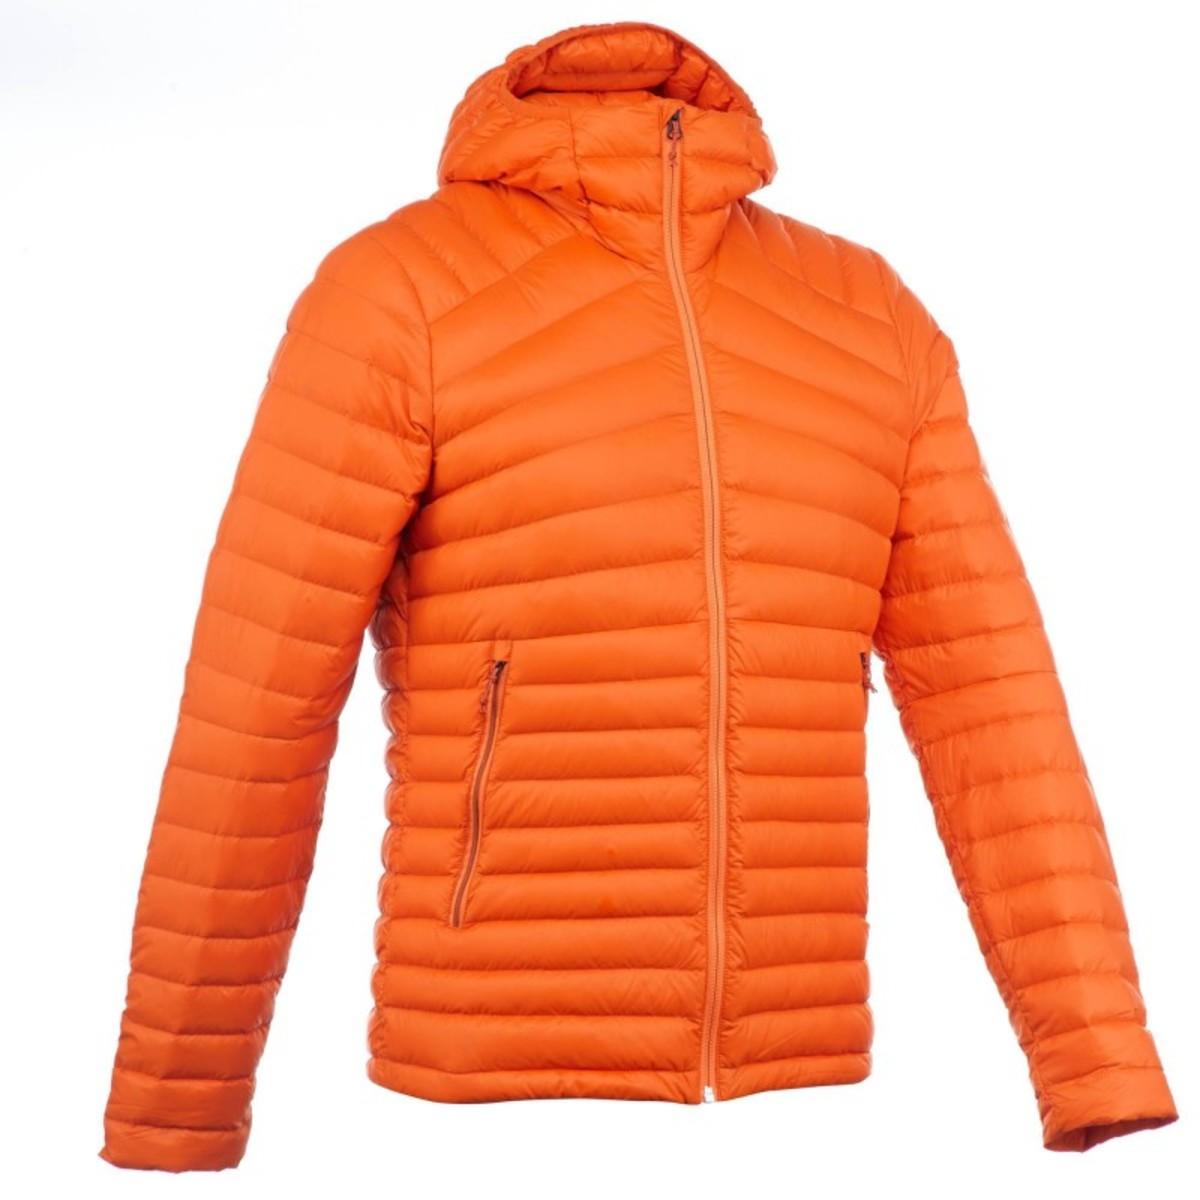 Bild 1 von QUECHUA Daunenjacke Full Down Herren orange, Größe: M